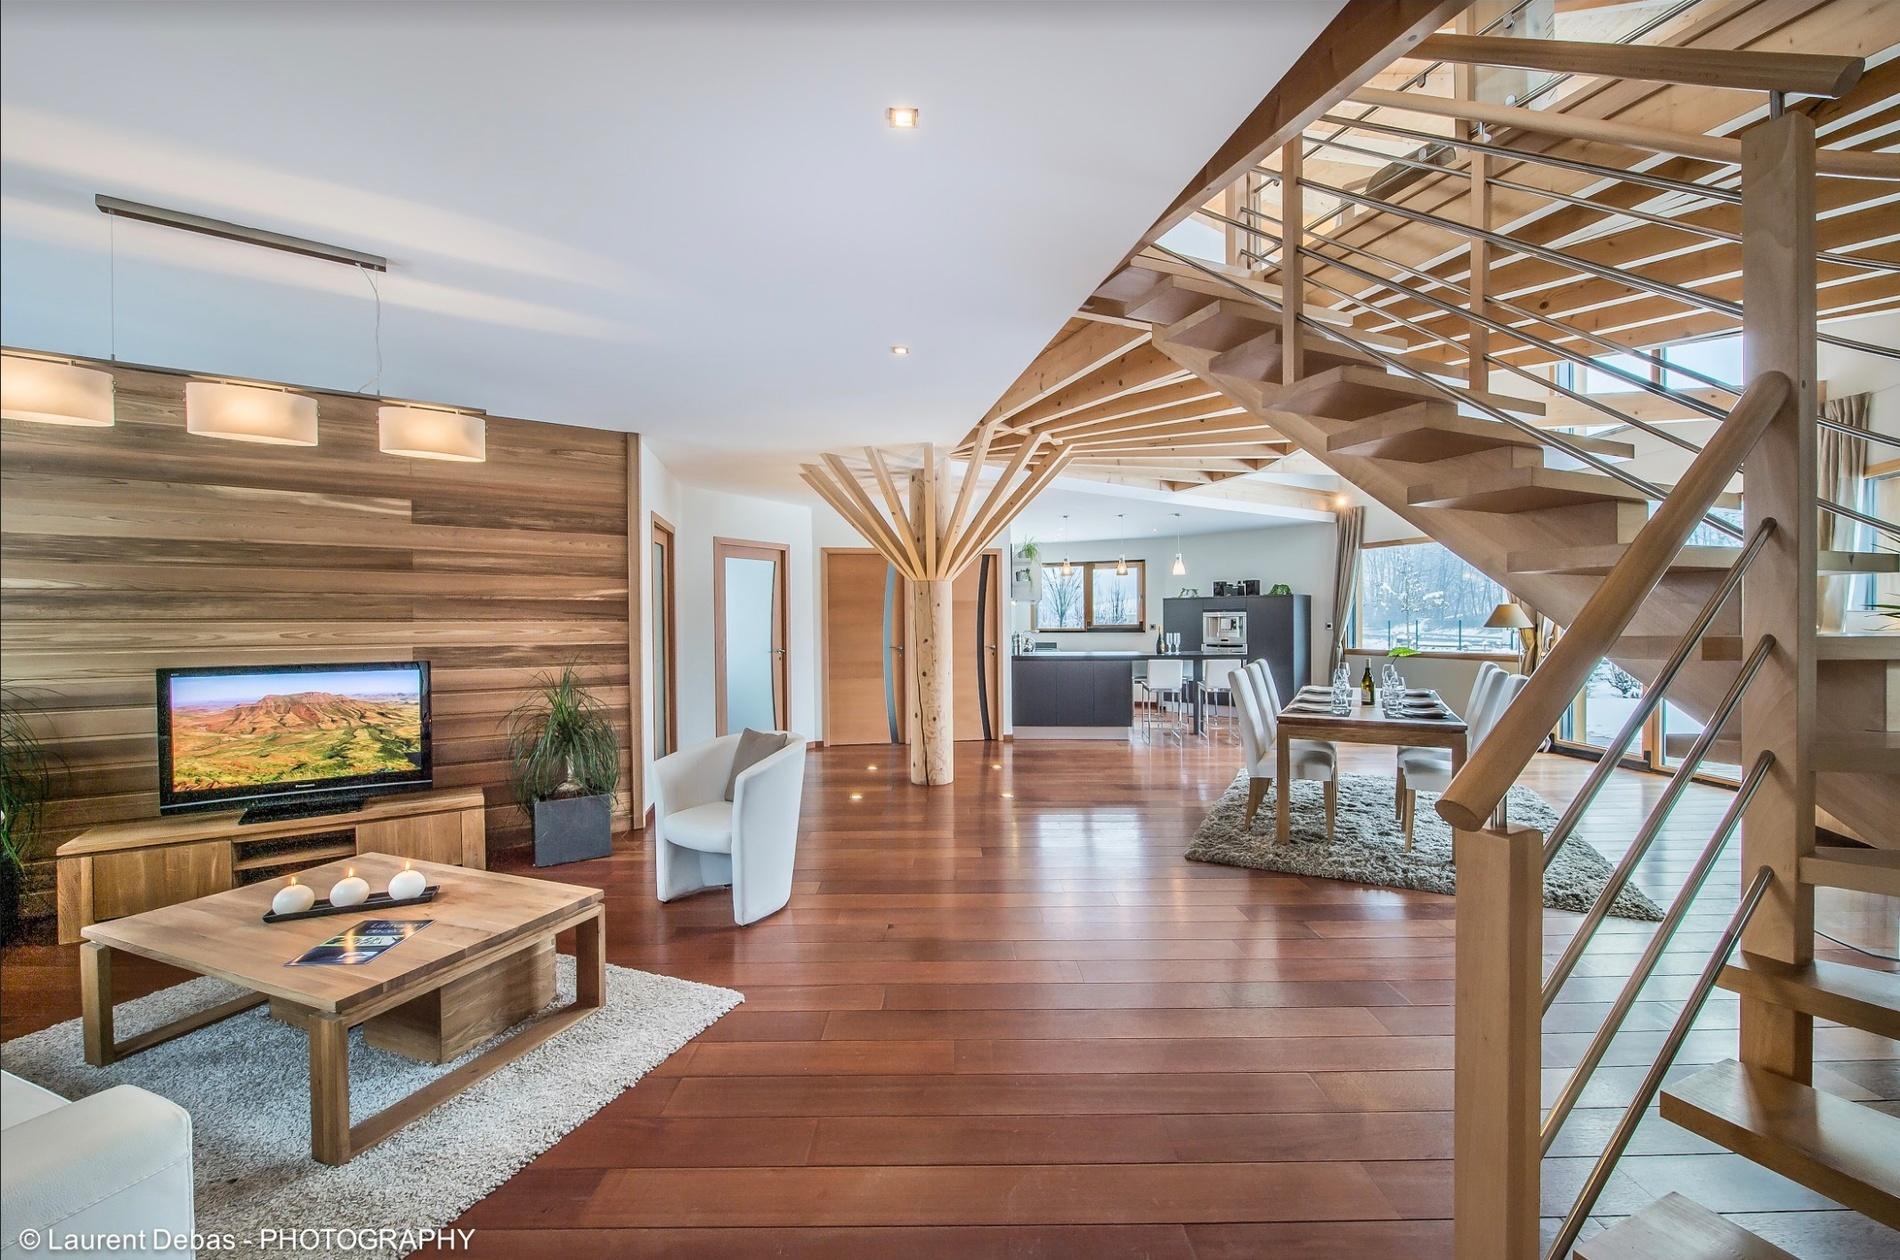 Escaliers : Standard ou sur mesure ?